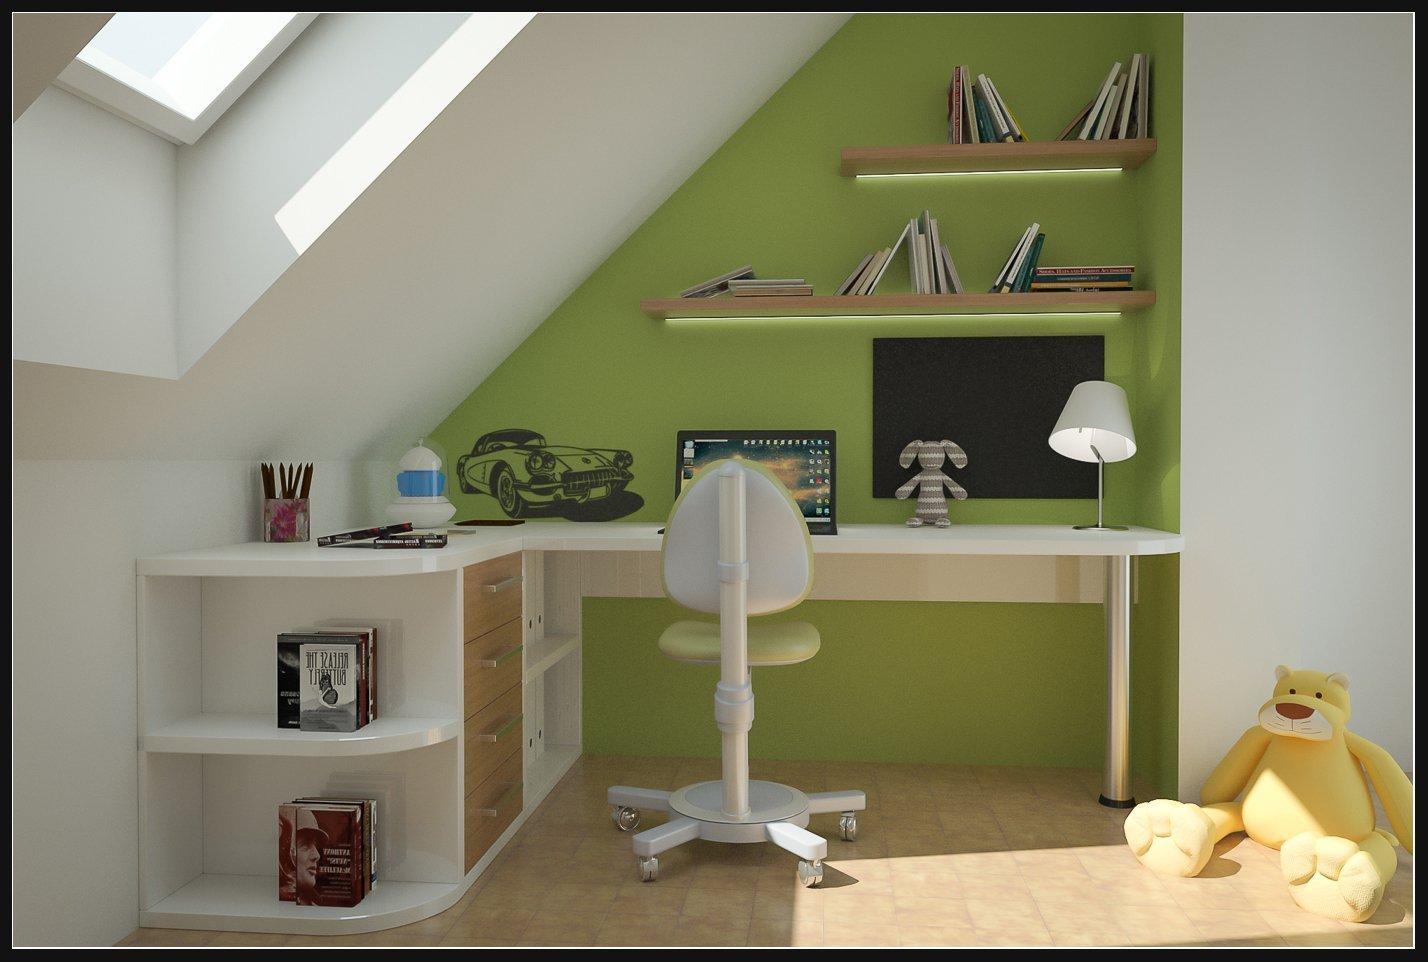 Pracovní stůl pro studenta v podkroví, v provedení bílé lamino a světlé dřevo se zelenou výmalbou.